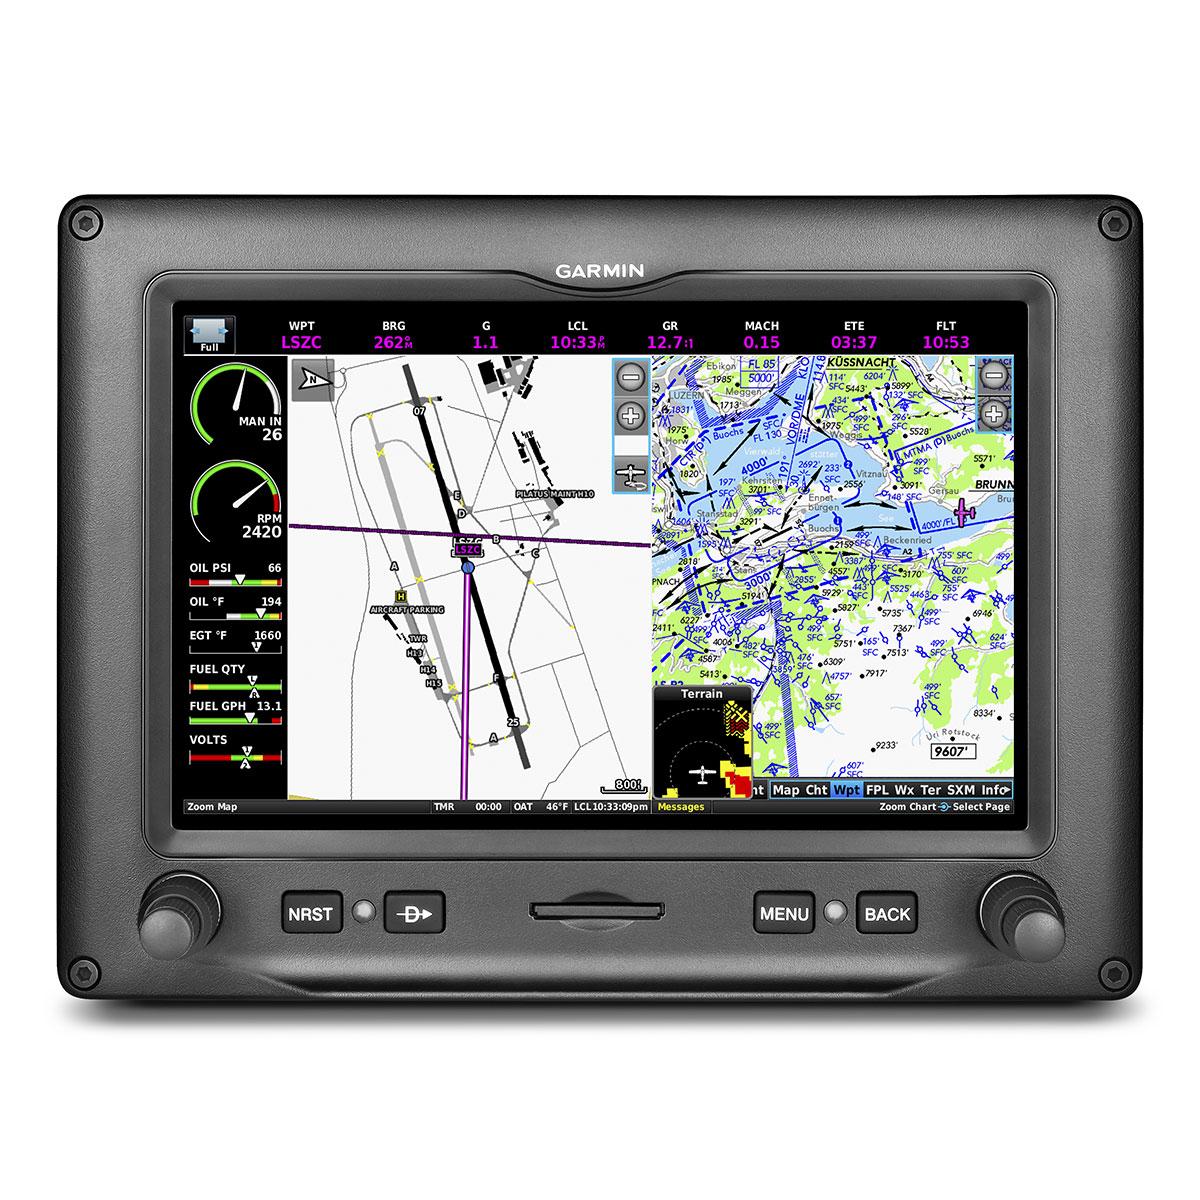 Garmin Gdu 450 Experimental Garmin G3x Touch 7 Landscape Display 010 00